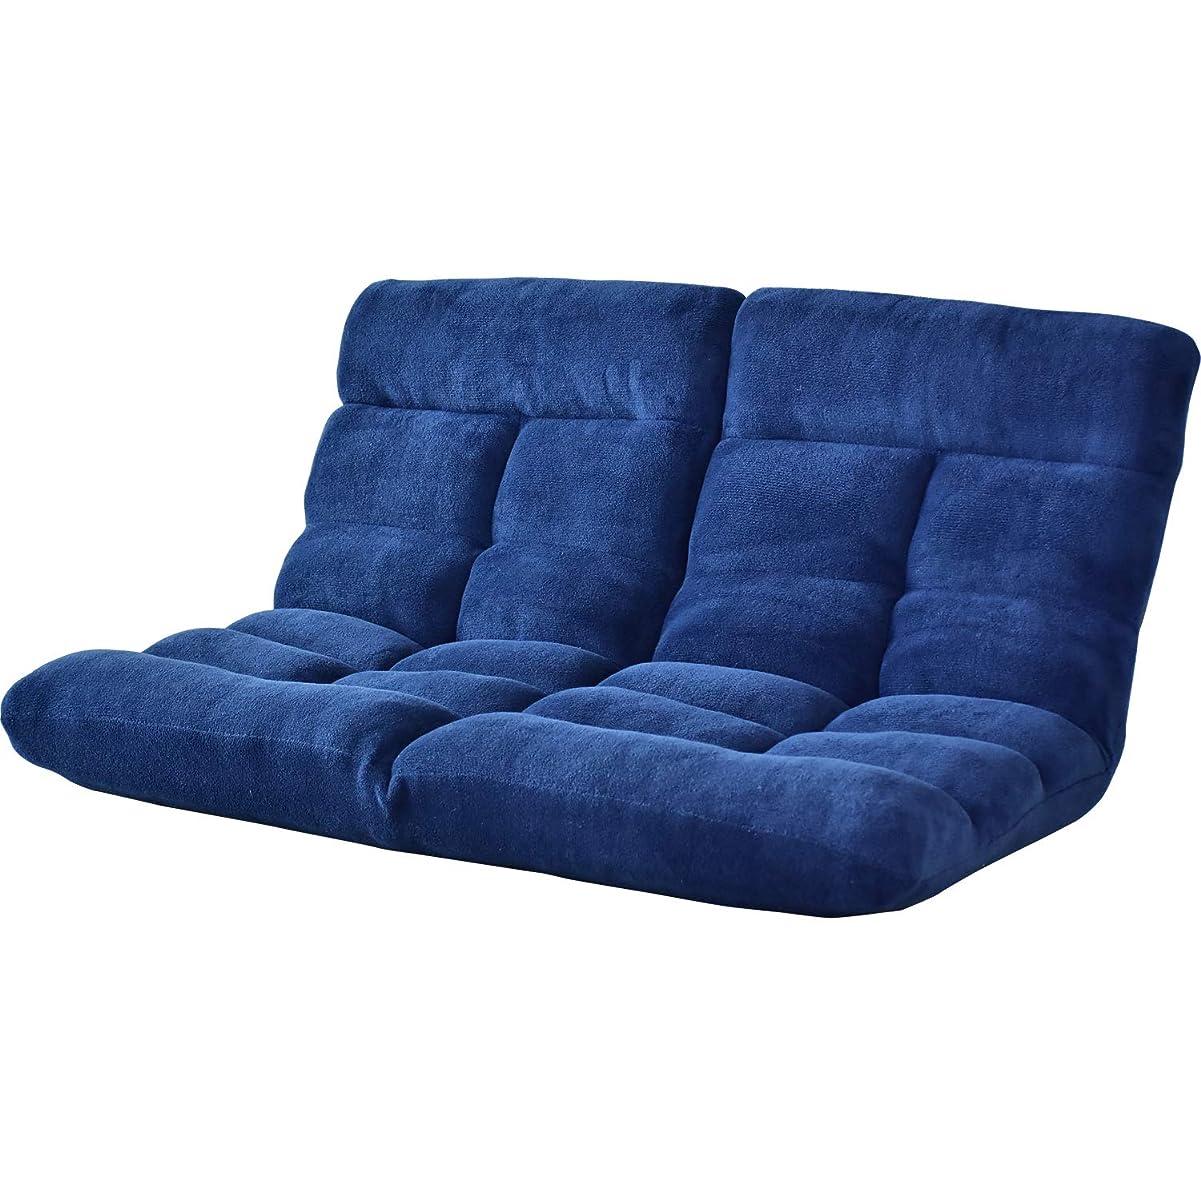 リフレッシュ悪意のある即席DORIS 座椅子 2人掛け ローソファ フロアソファ 左右独立リクライニング 奥行調整可能な2箇所の14段階ギア搭載 ふっくらサンゴマイヤー生地 ネイビー ピオンセ